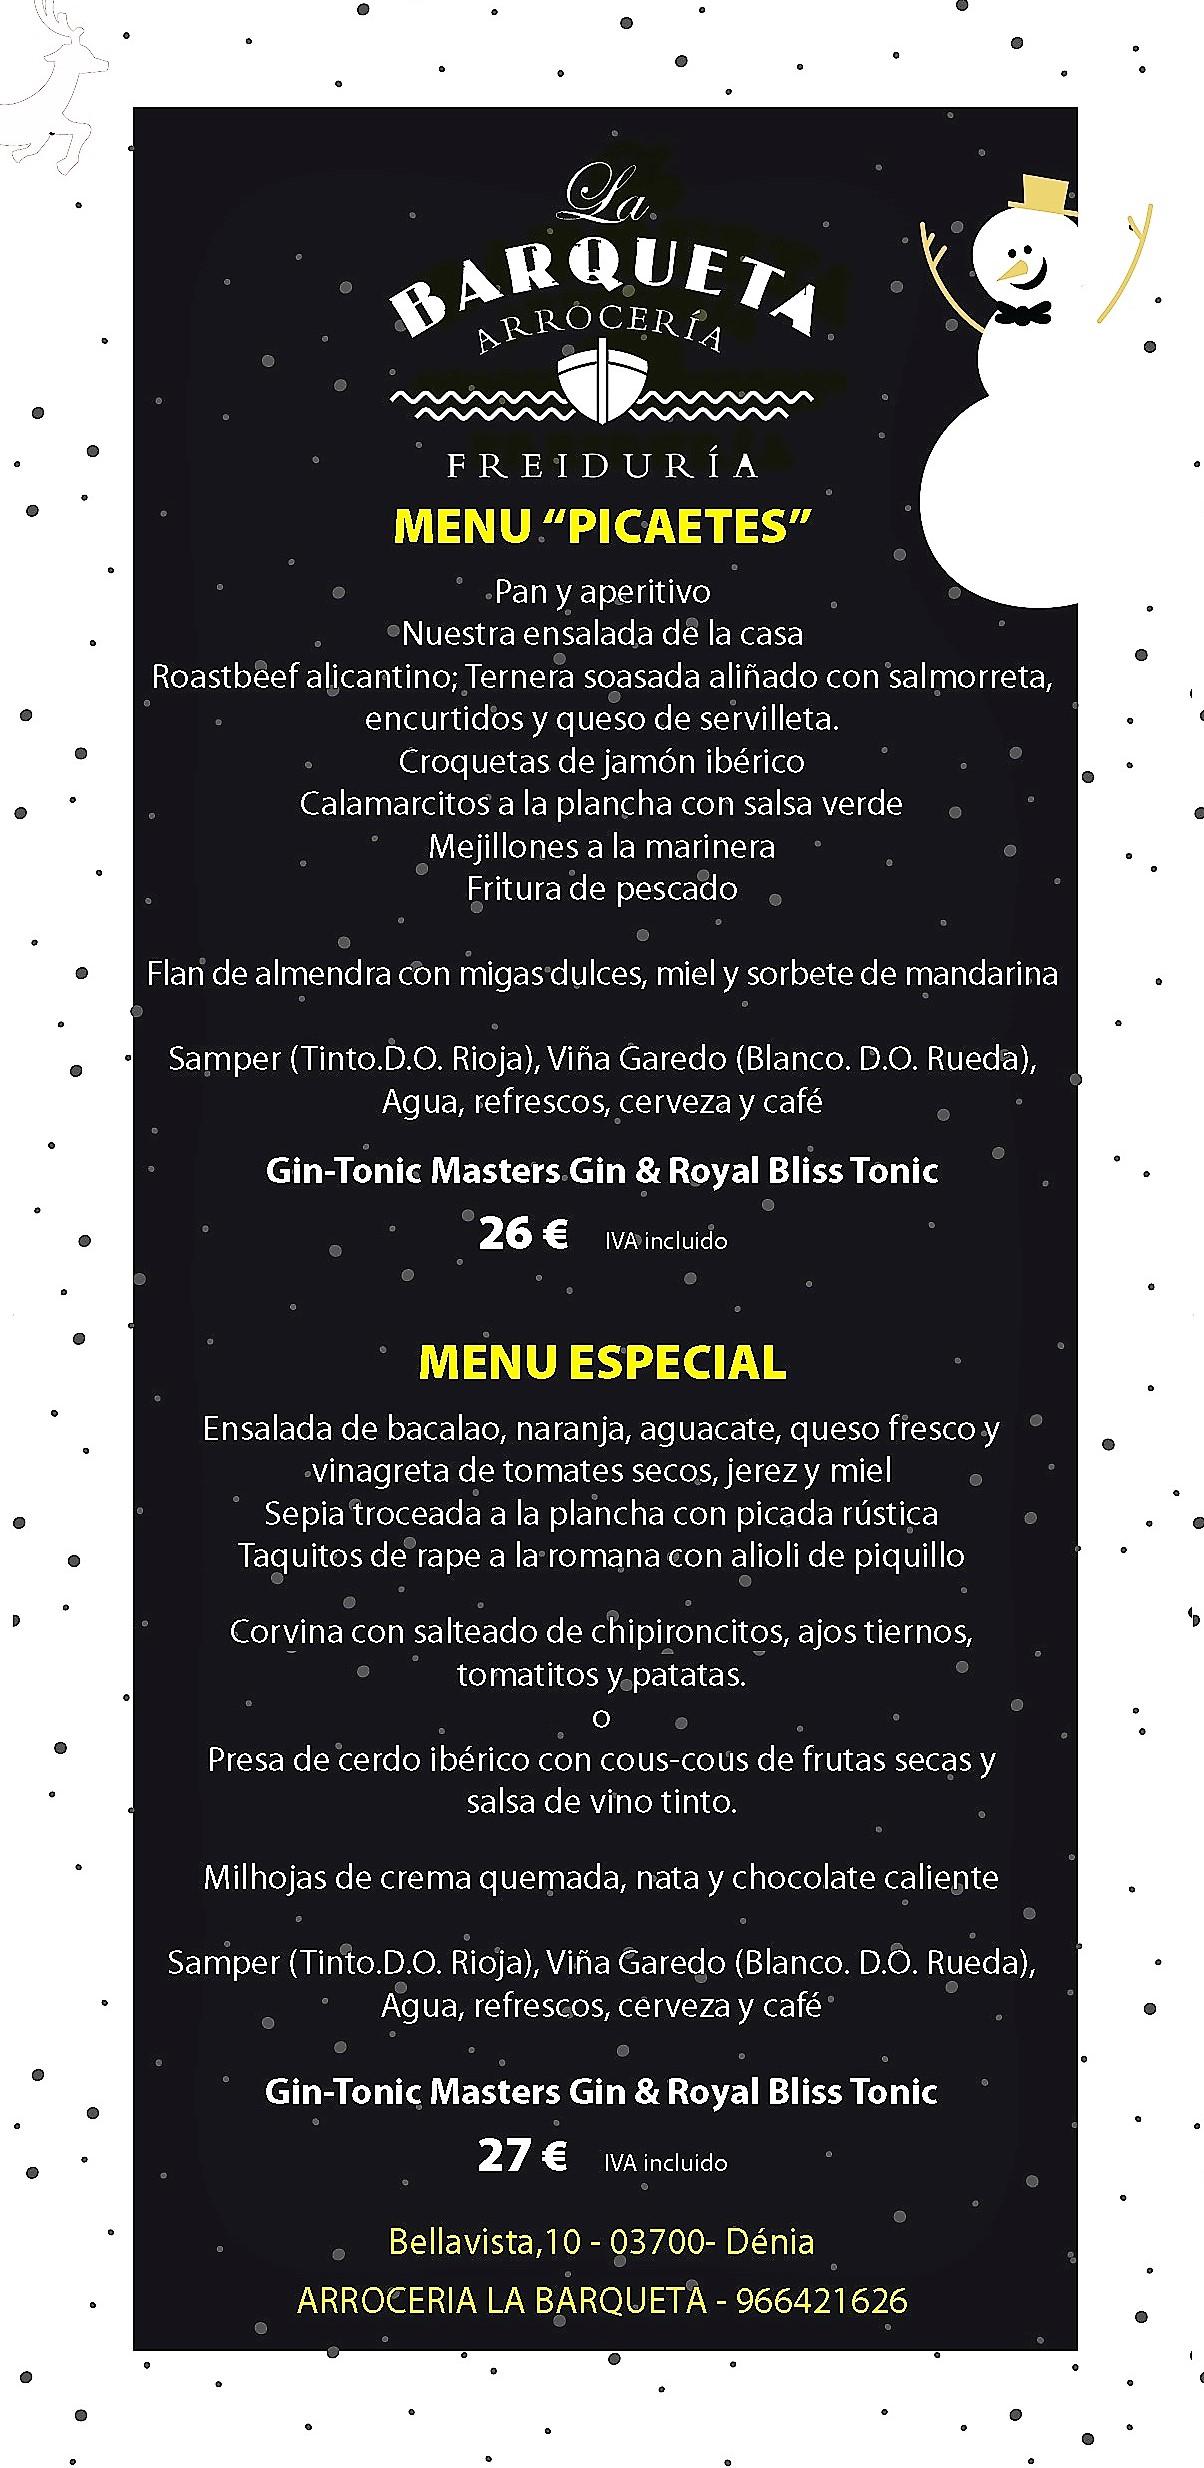 grupos menu barqueta 2018